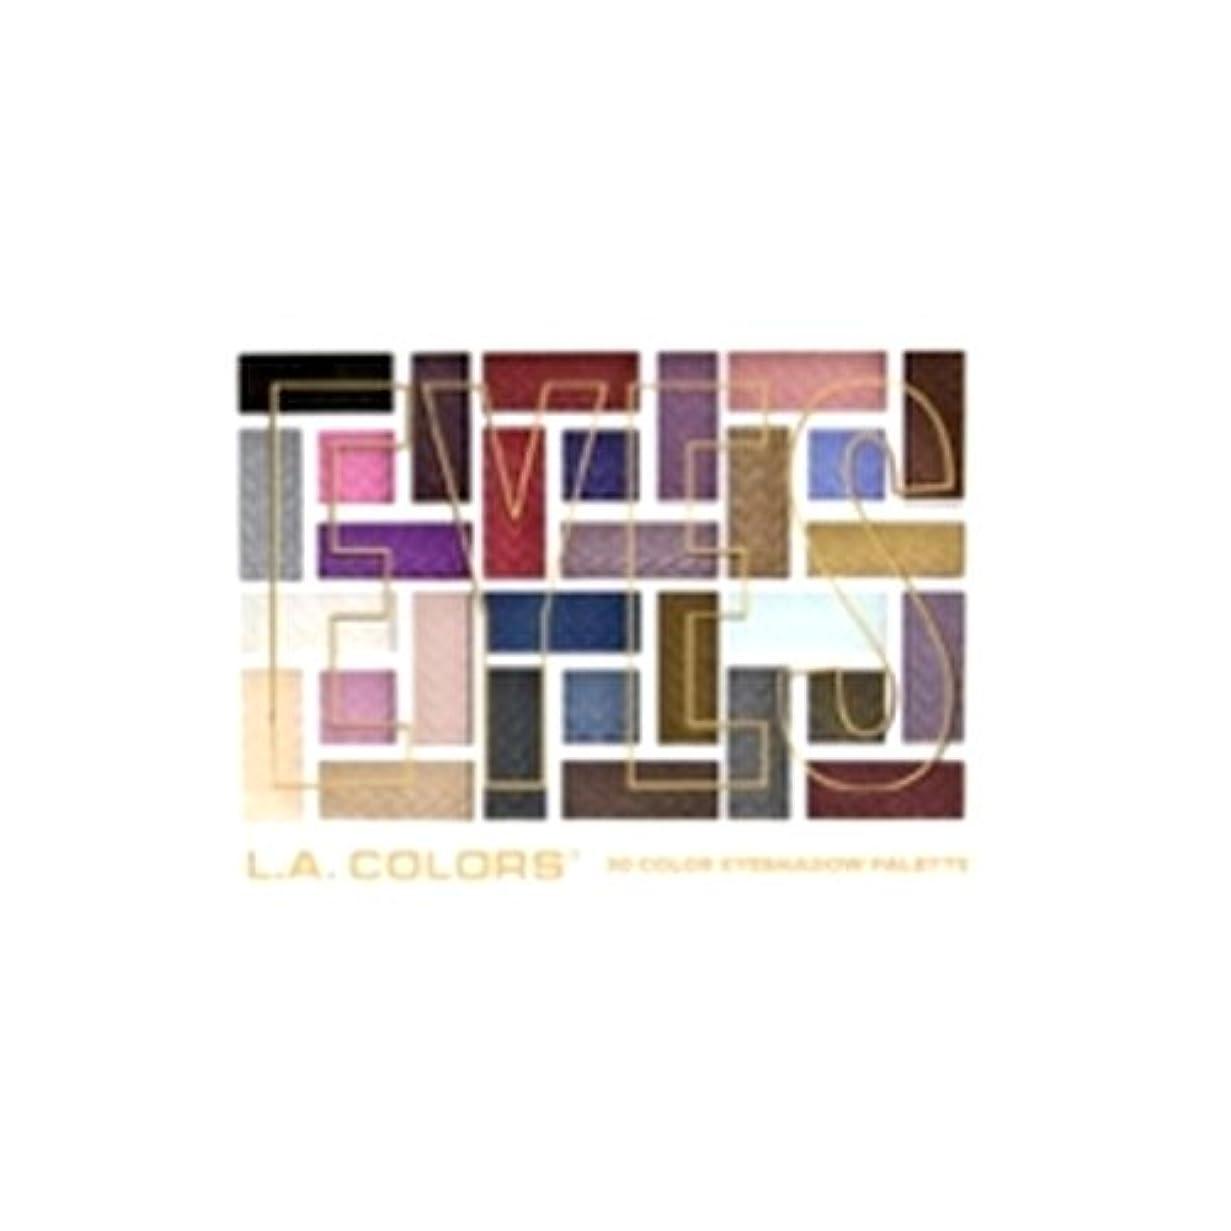 聖職者動機振るう(3 Pack) L.A. COLORS 30 Color Eyeshadow Palette - Back To Basics (並行輸入品)